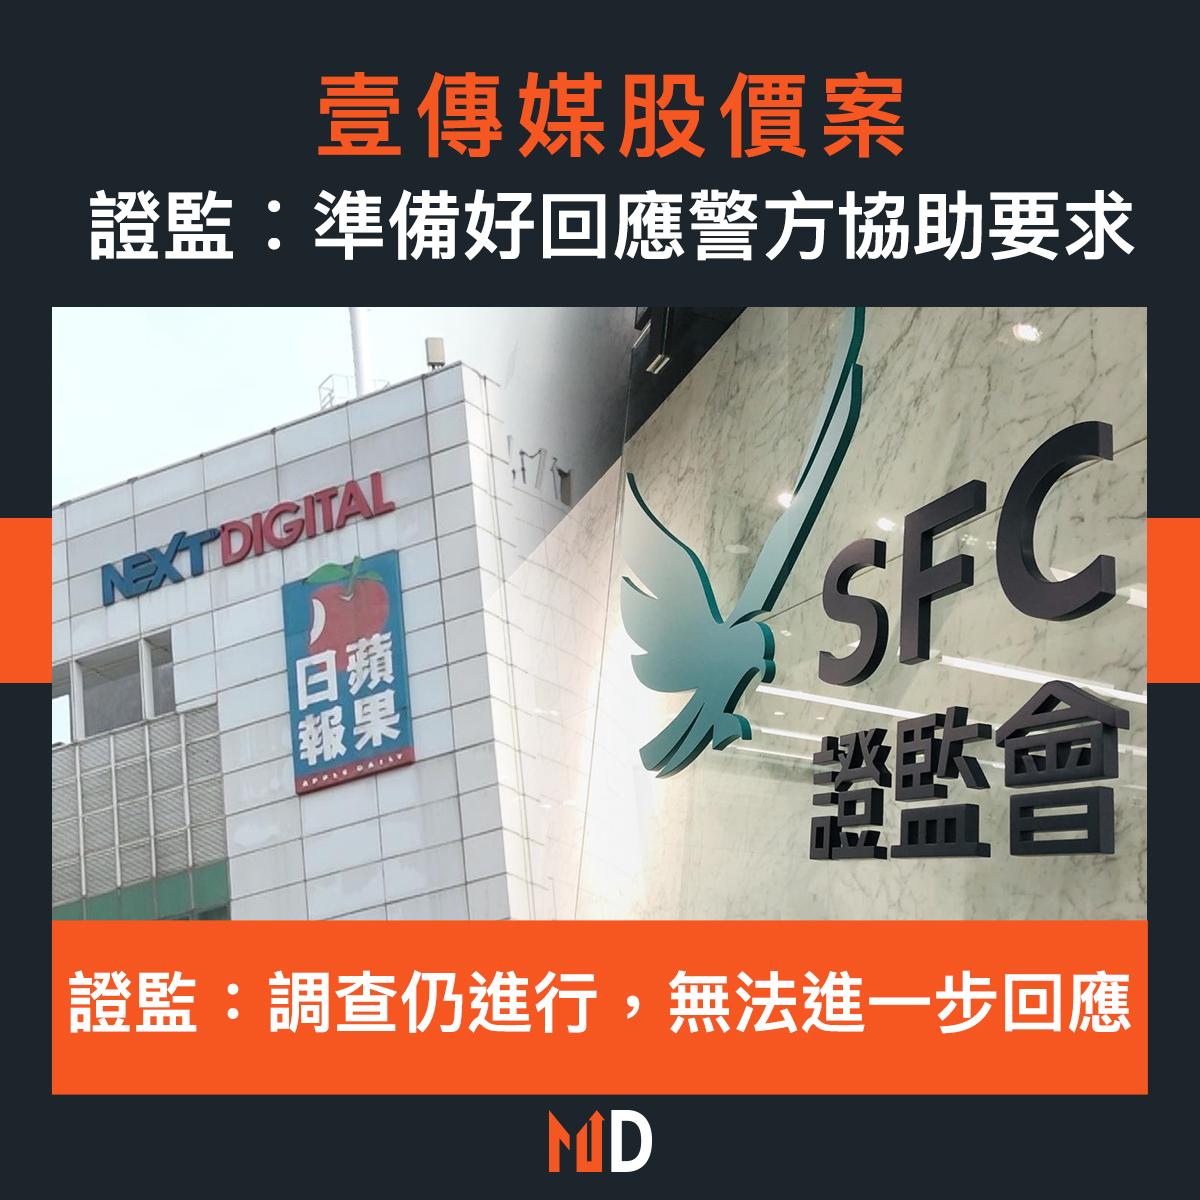 【市場熱話】壹傳媒股價案,證監︰準備好回應警方協助要求